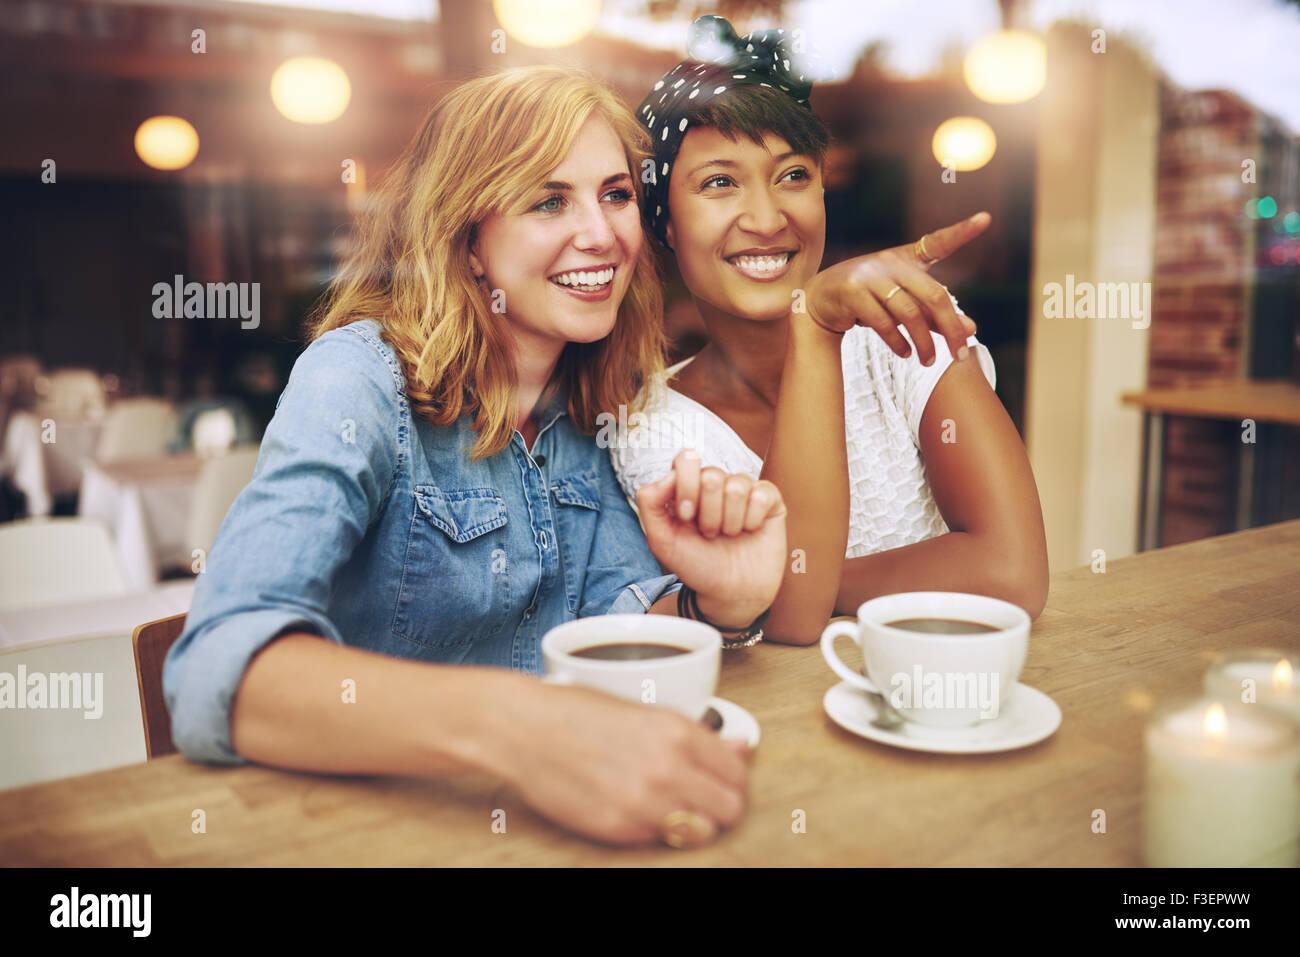 Glücklich Freundinnen genießen Kaffee zusammen in einem Kaffeehaus sitzen zeigen und lächelt amüsiert, Stockbild